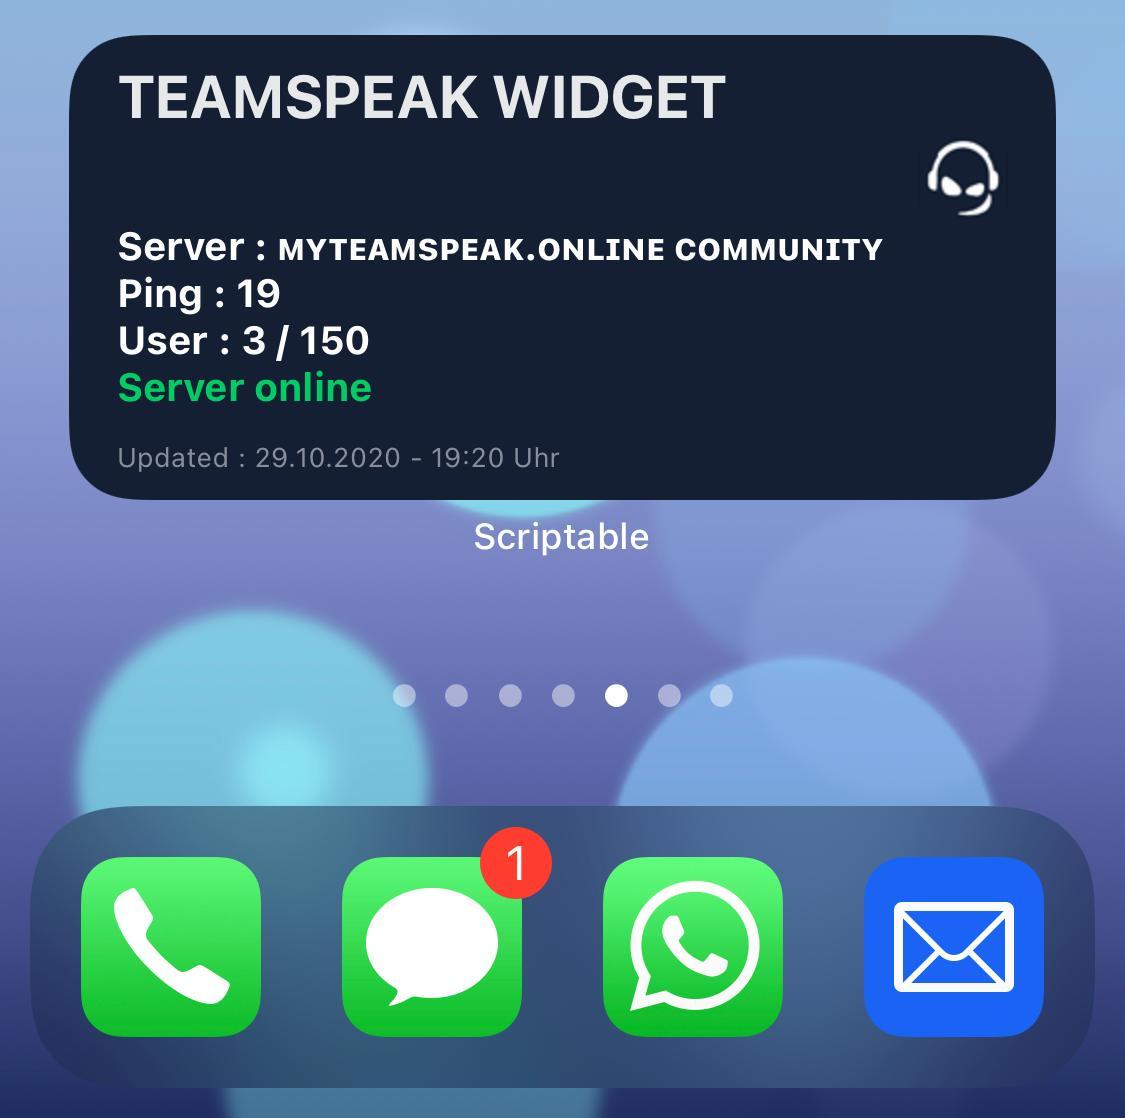 WhatsApp Image 2020-10-29 at 19 21 10